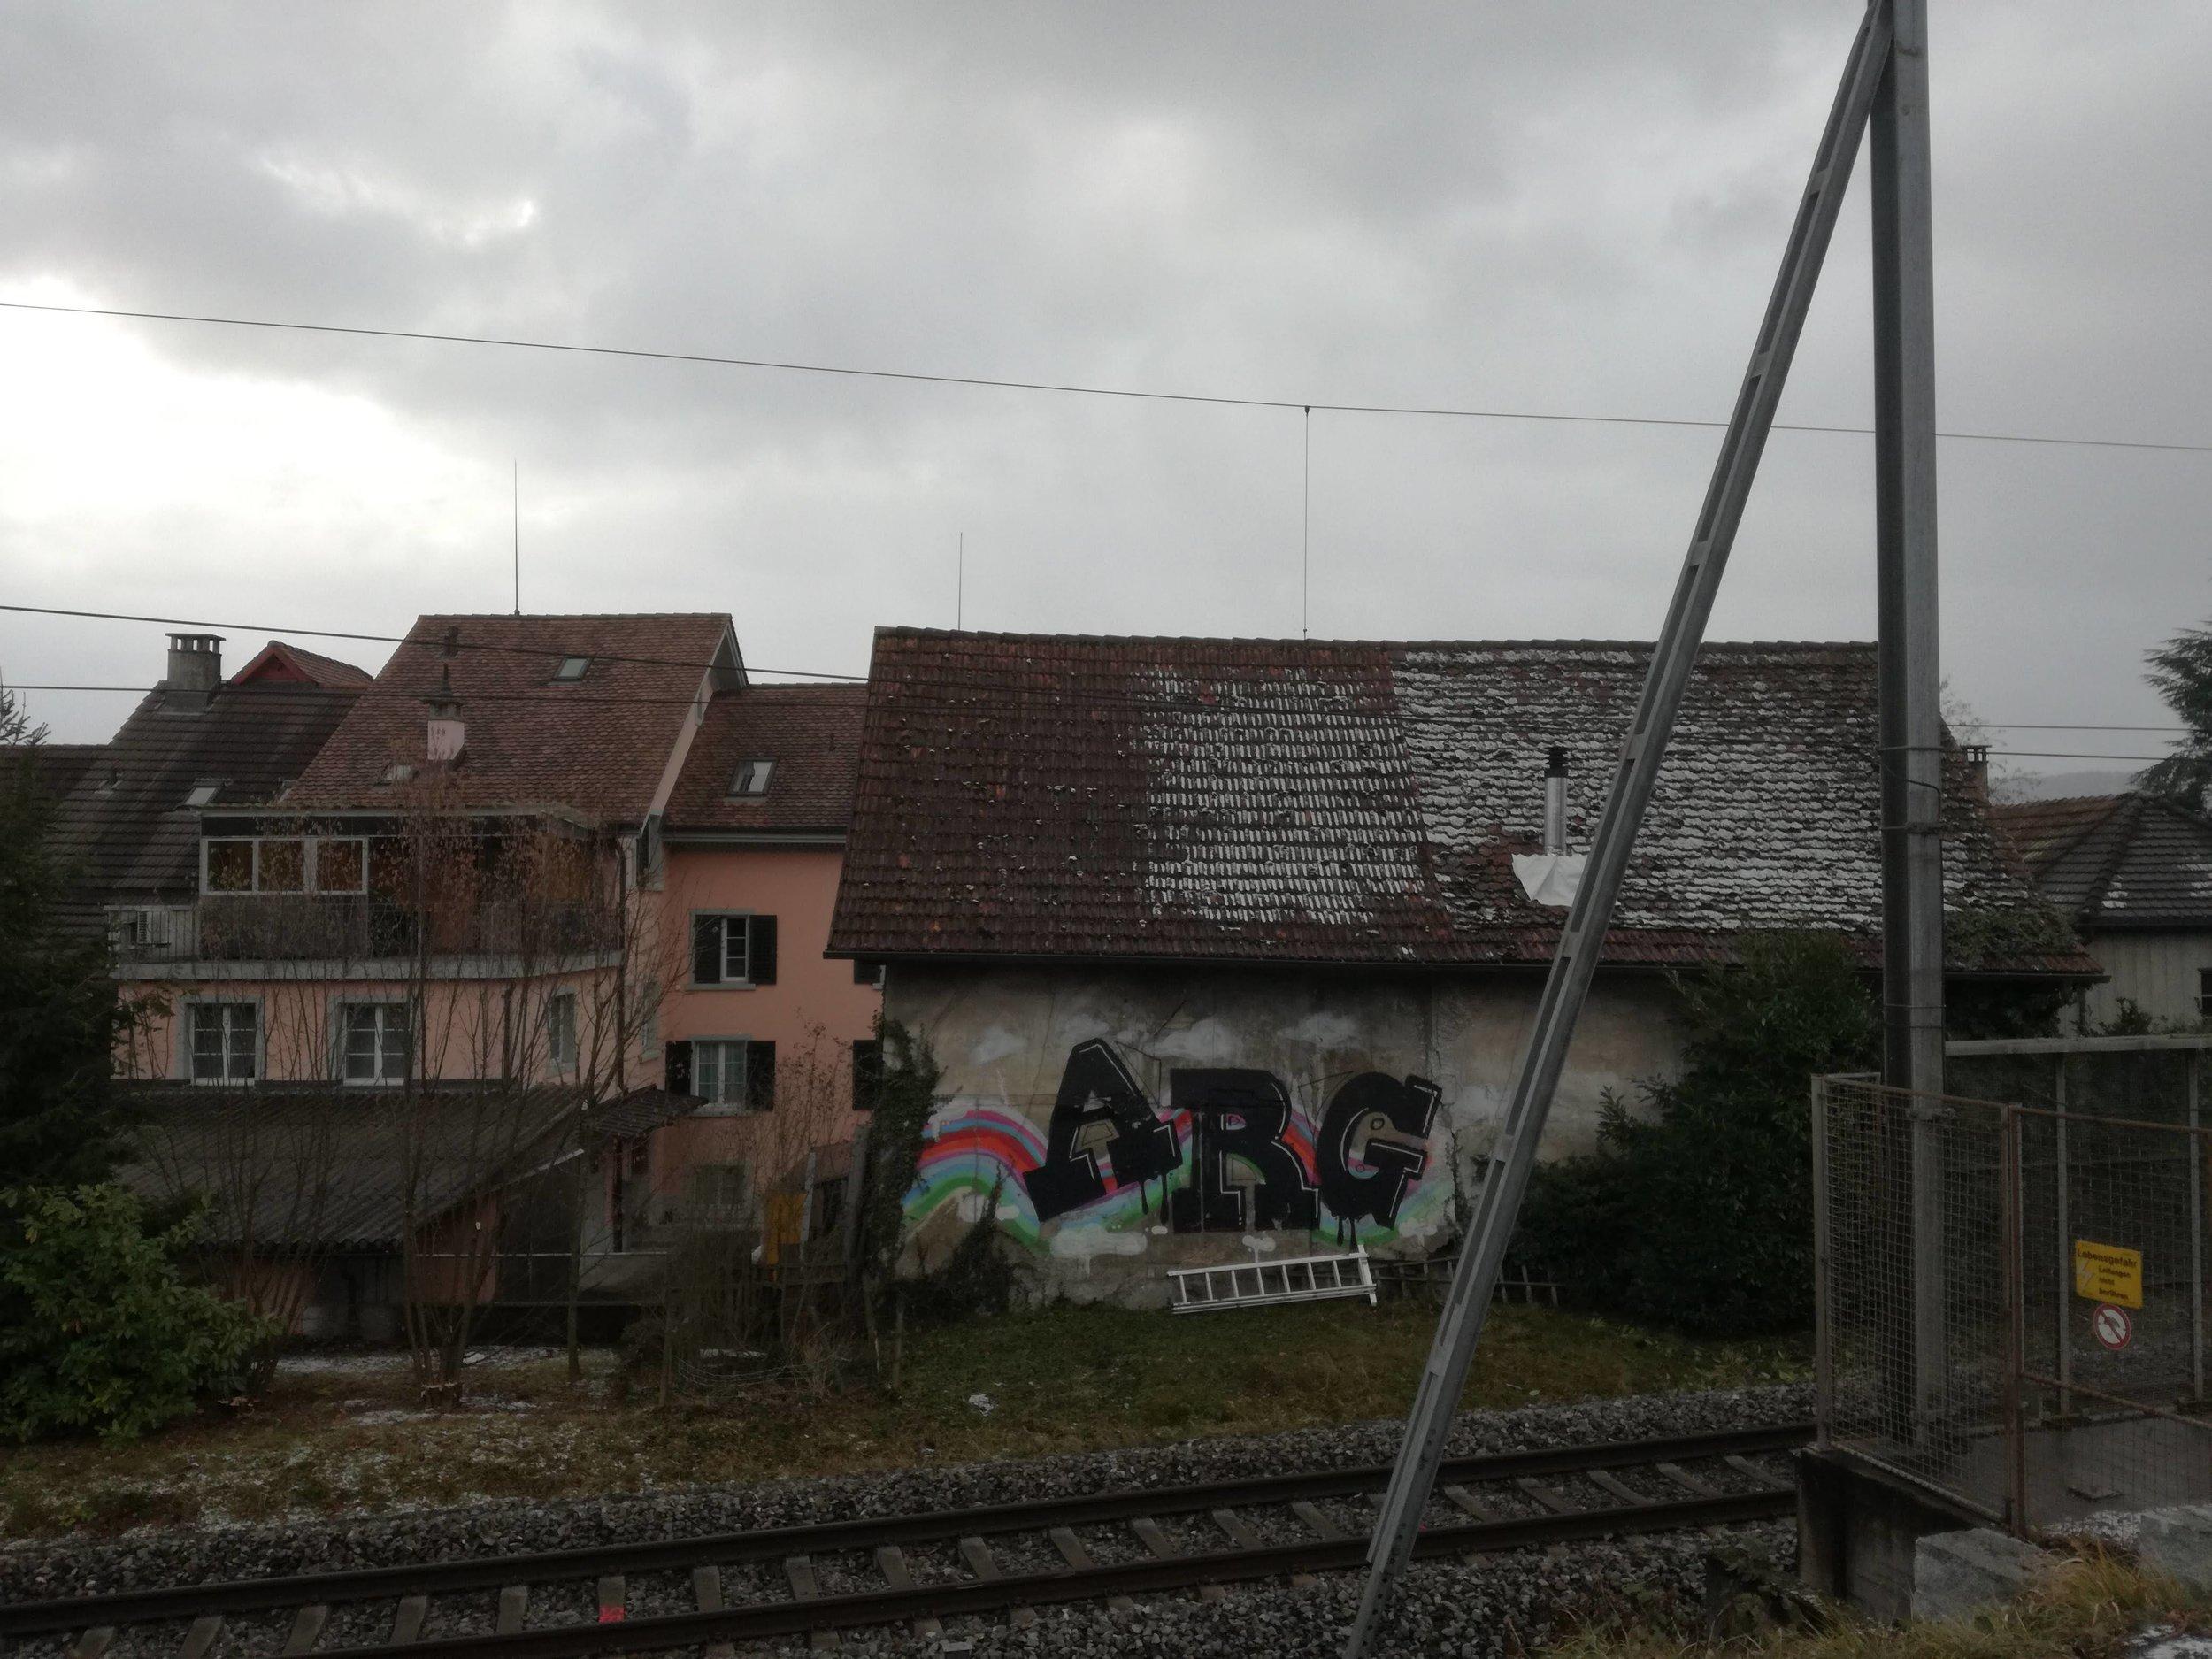 Zurich, Switzerland 2019